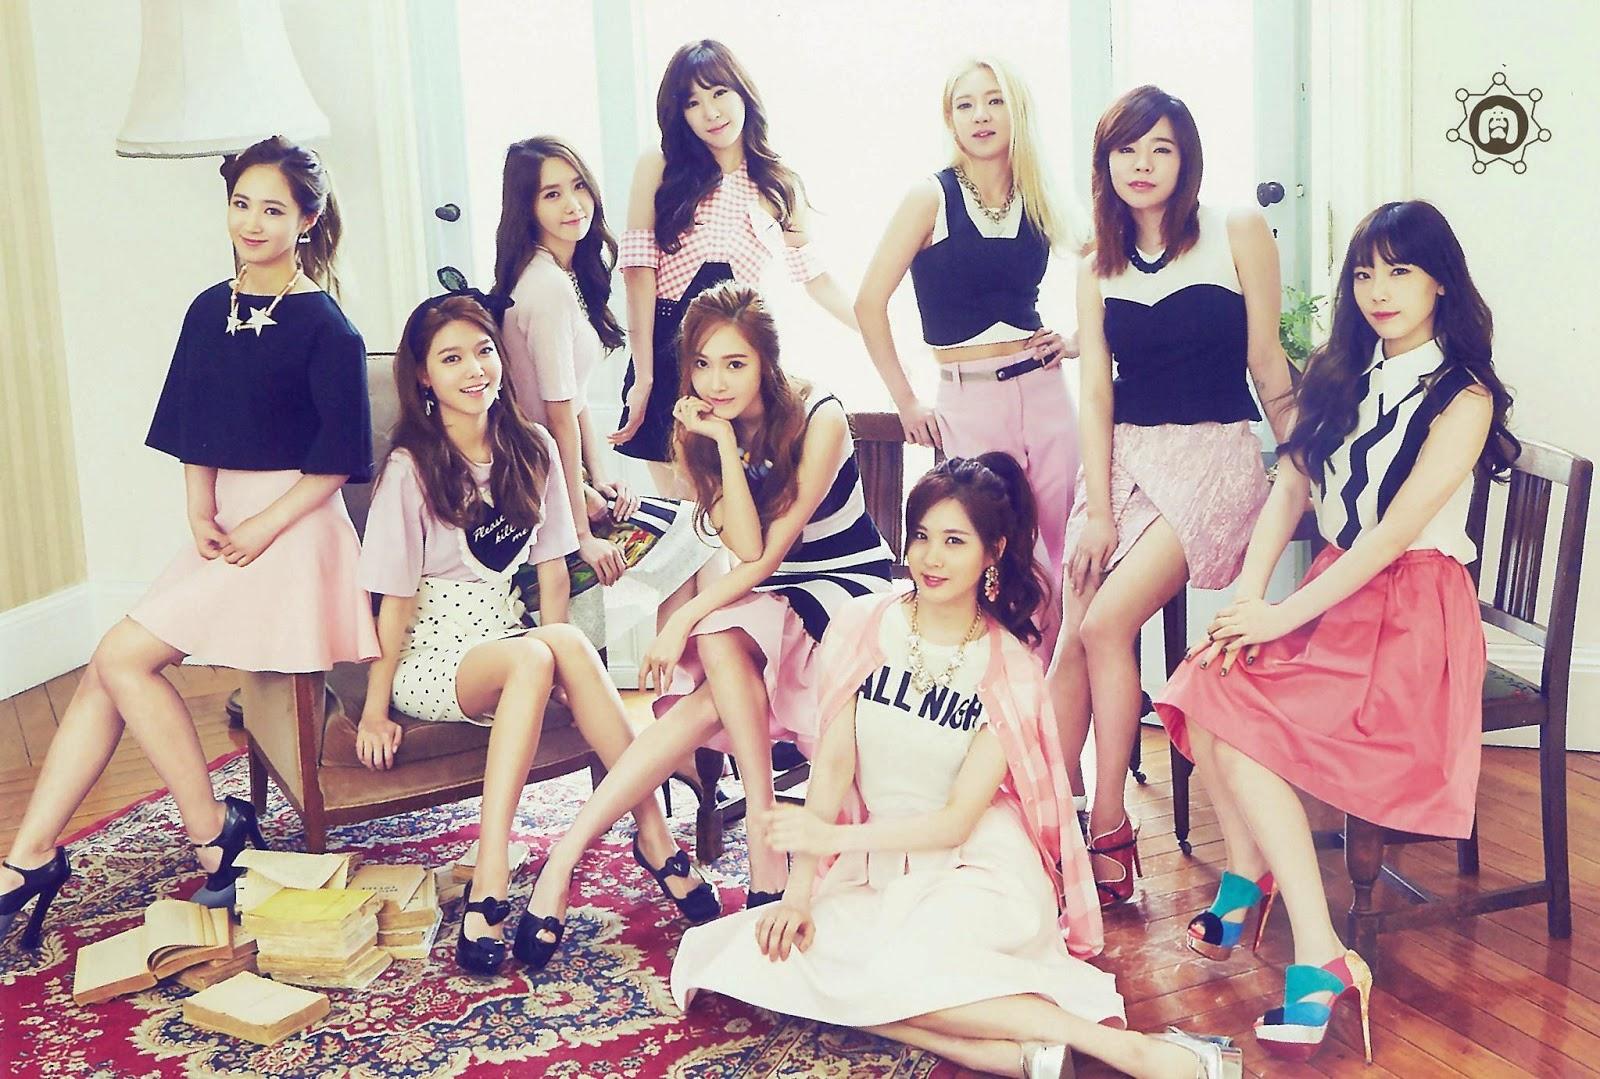 SNSD Girls Generation The Best Scan Wallpaper HD 3